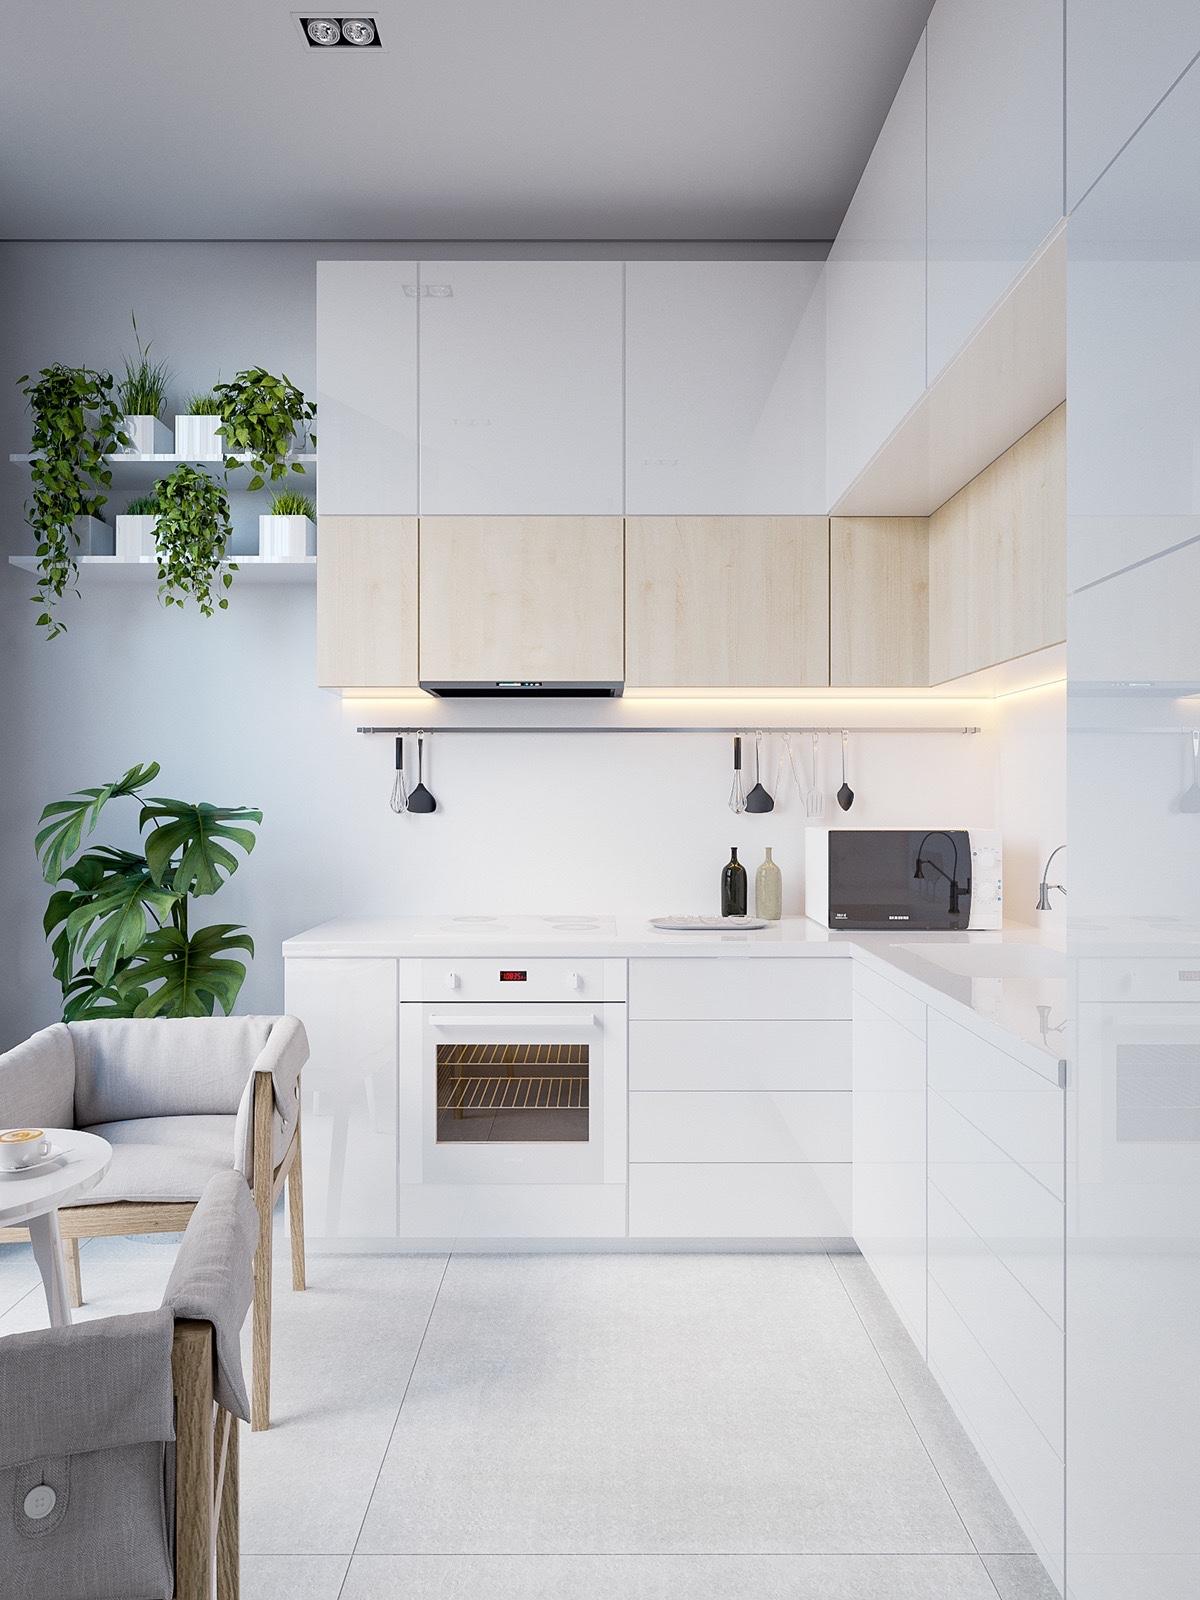 23 mẫu phòng bếp tối giản với tone màu trắng chủ đạo sẽ khiến bạn không thể không yêu - Ảnh 16.